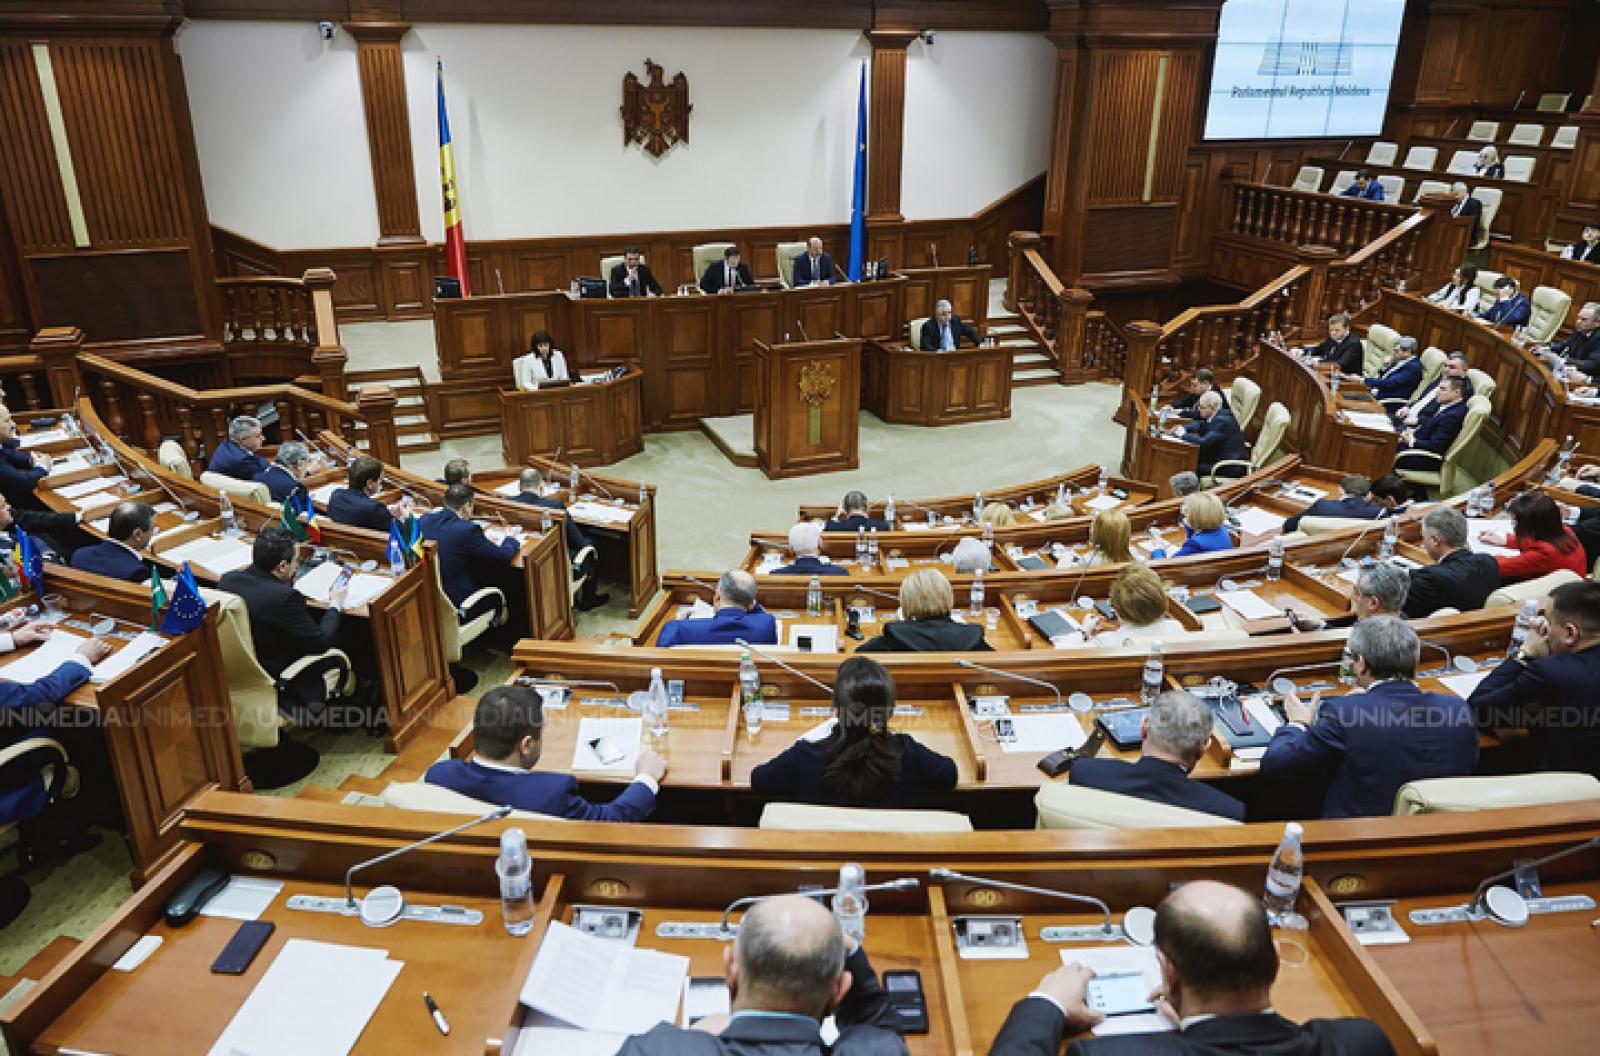 (video/update) Ședința Parlamentului: Majoritatea parlamentară a votat proiectul de hotărâre care-și propune să revizuiască legislația electorală, după invalidarea alegerilor din Chișinău